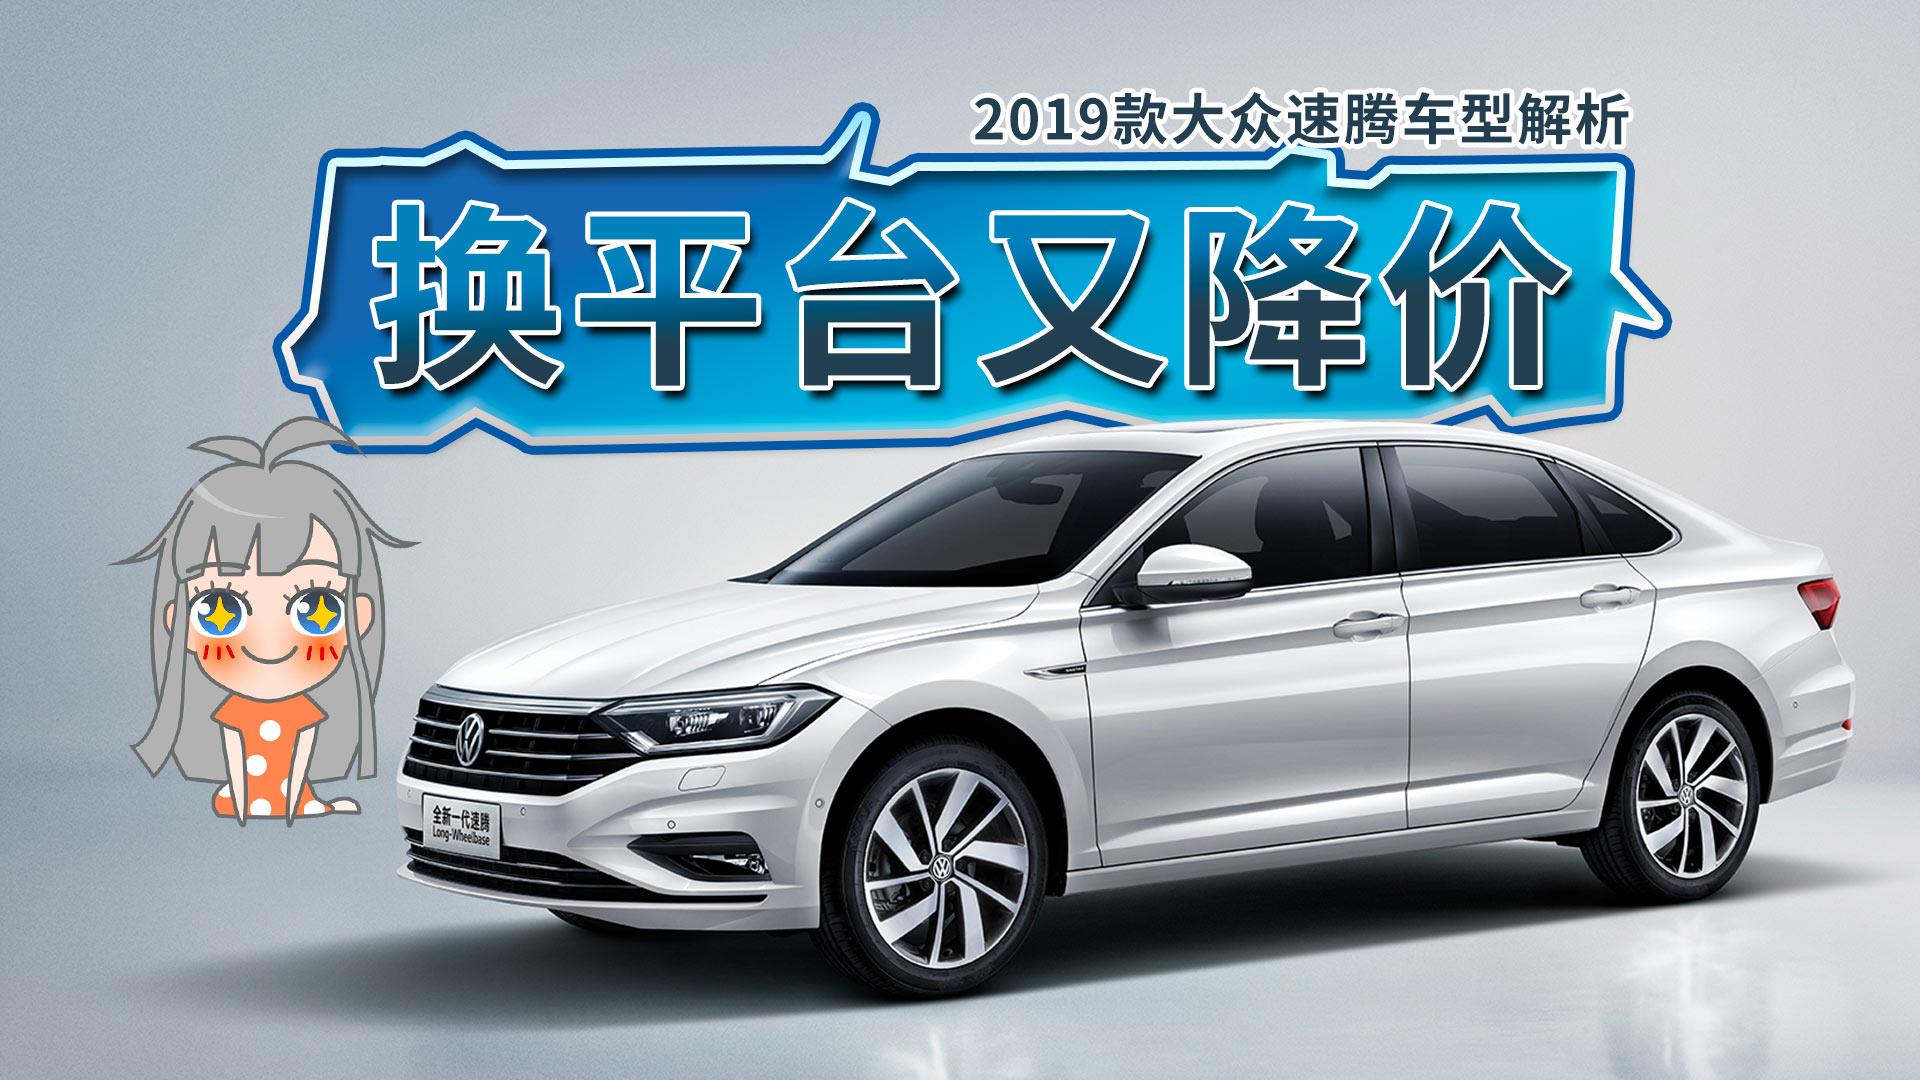 【购车300秒】换平台又降价 2019款大众速腾车型解析